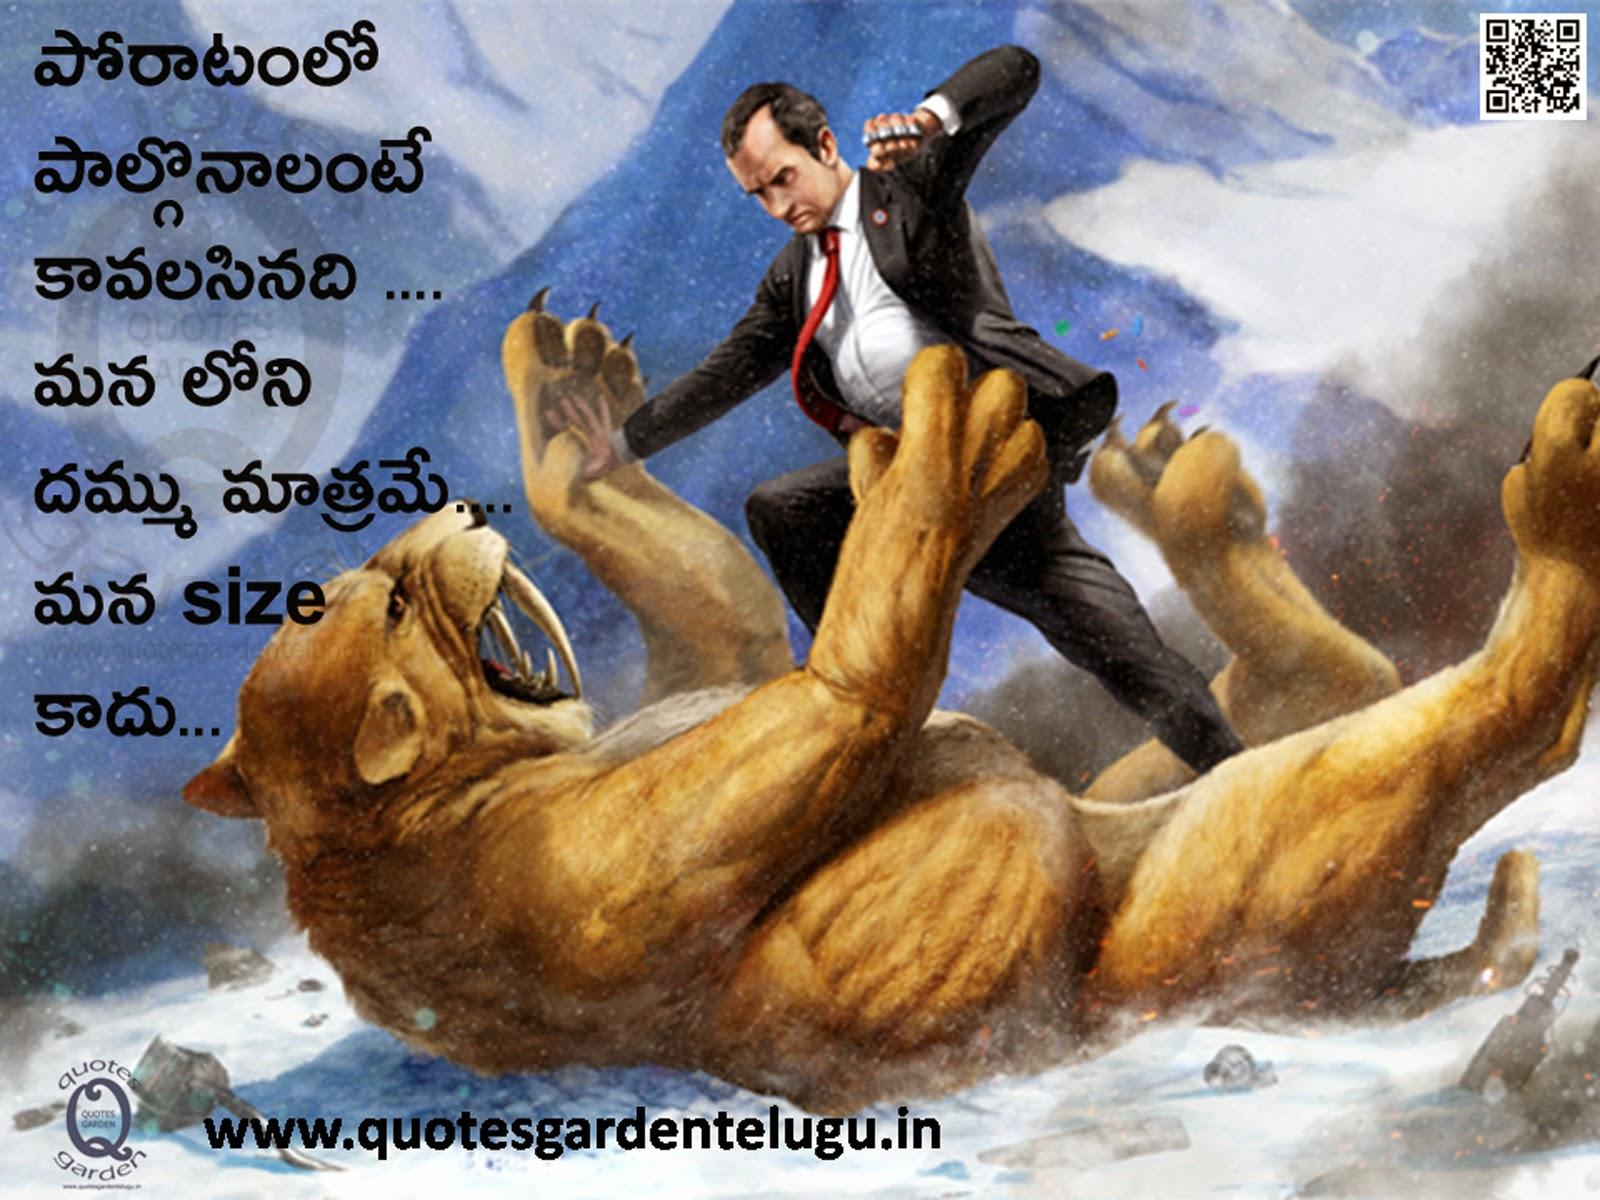 Images photoes Telugu inspirational life quotes quotesgardentelugu